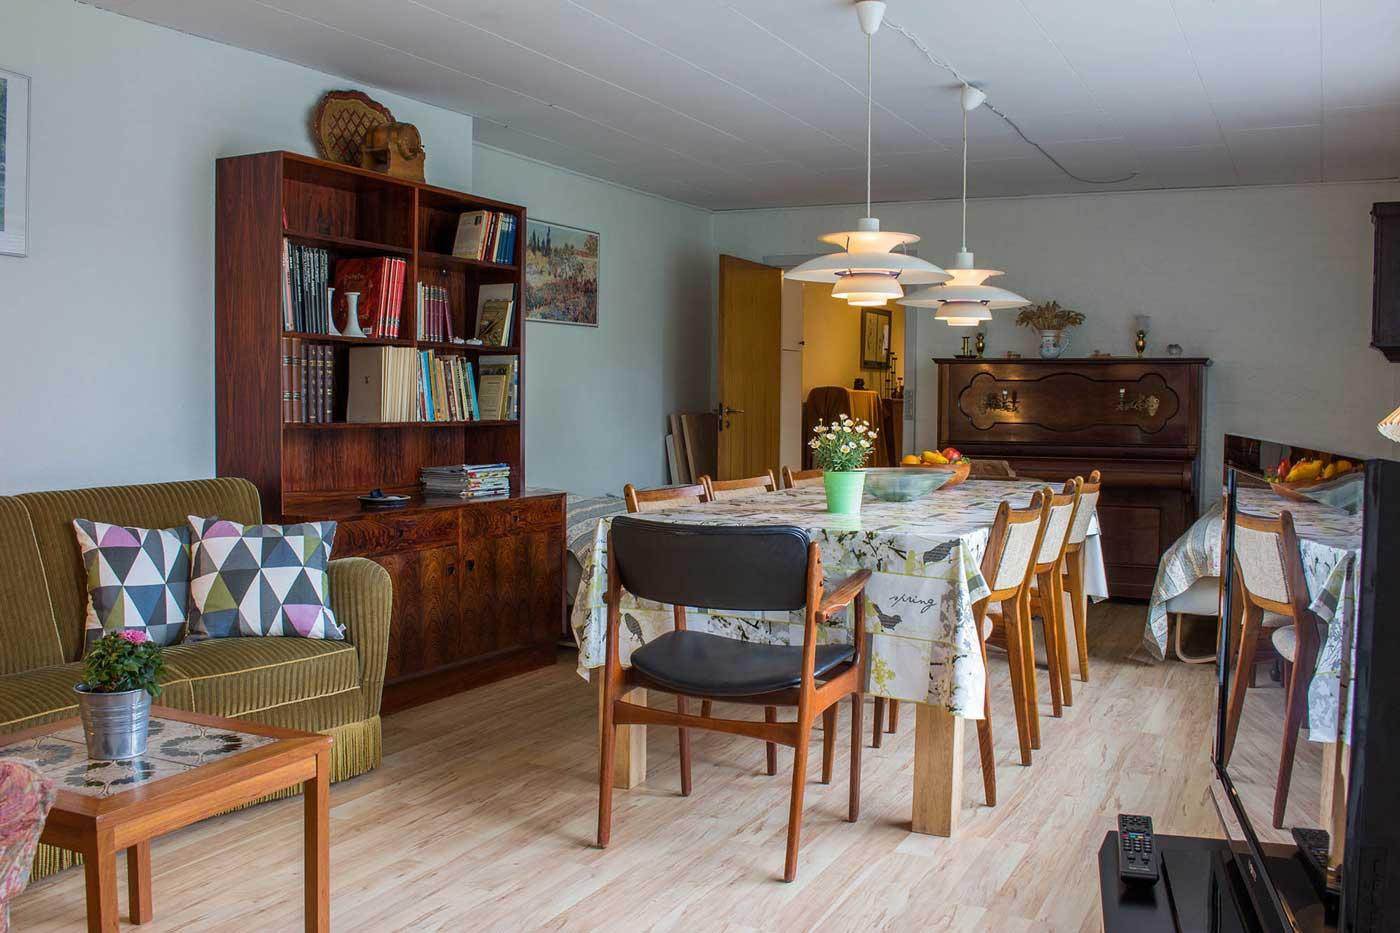 Lejligheden store stue med sofagruppe, stort spisebord og to sengepladser